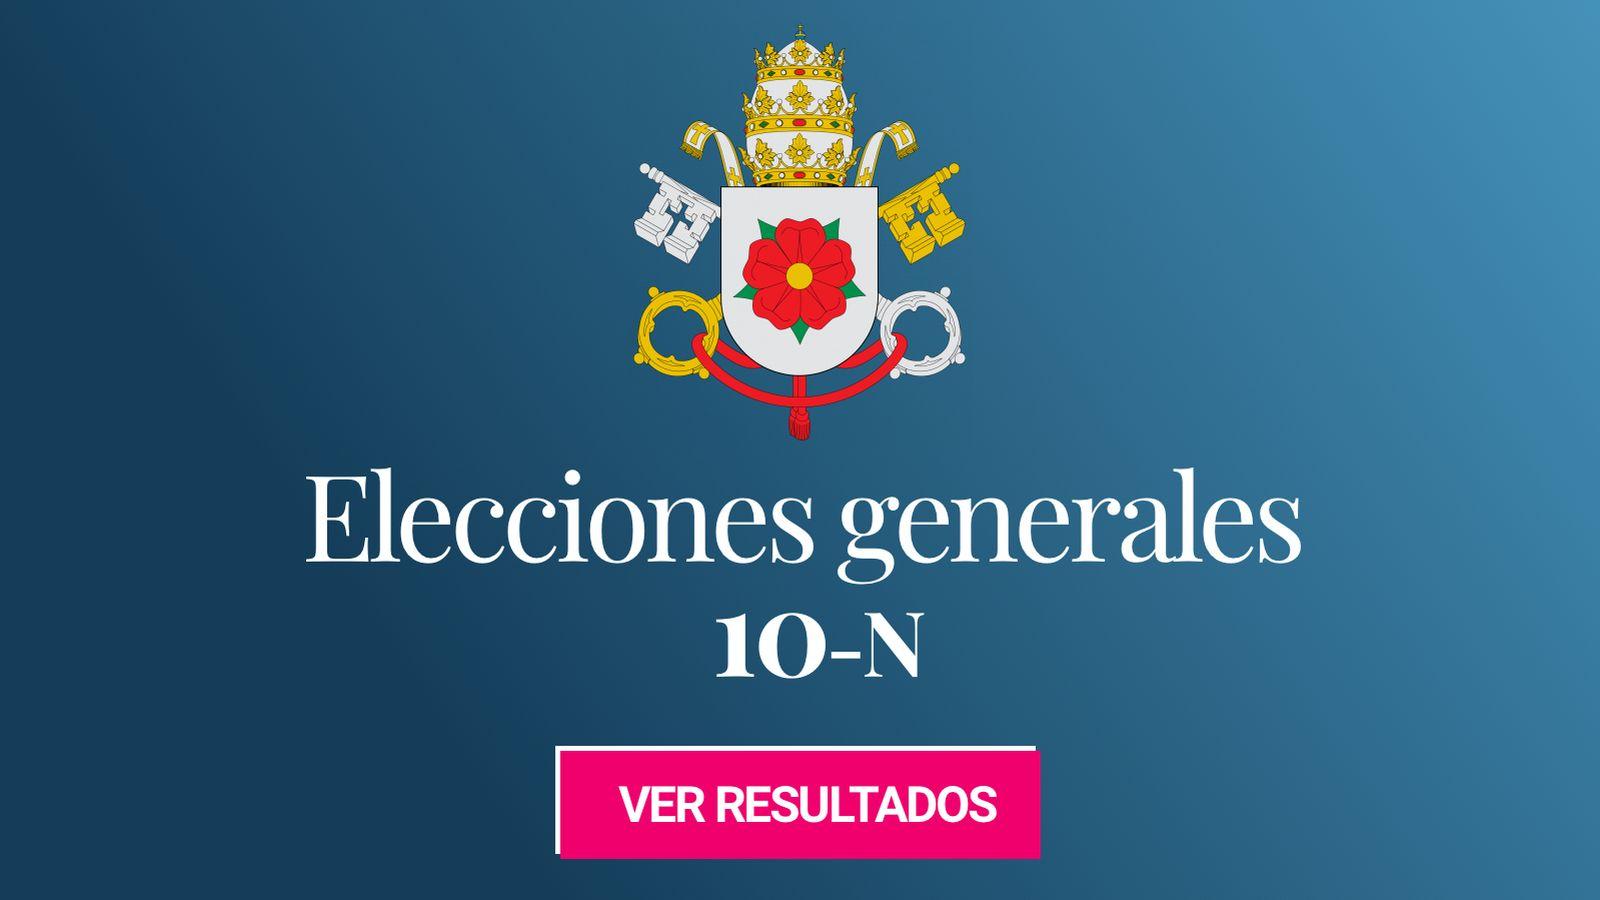 Foto: Elecciones generales 2019 en Reus. (C.C./EC)